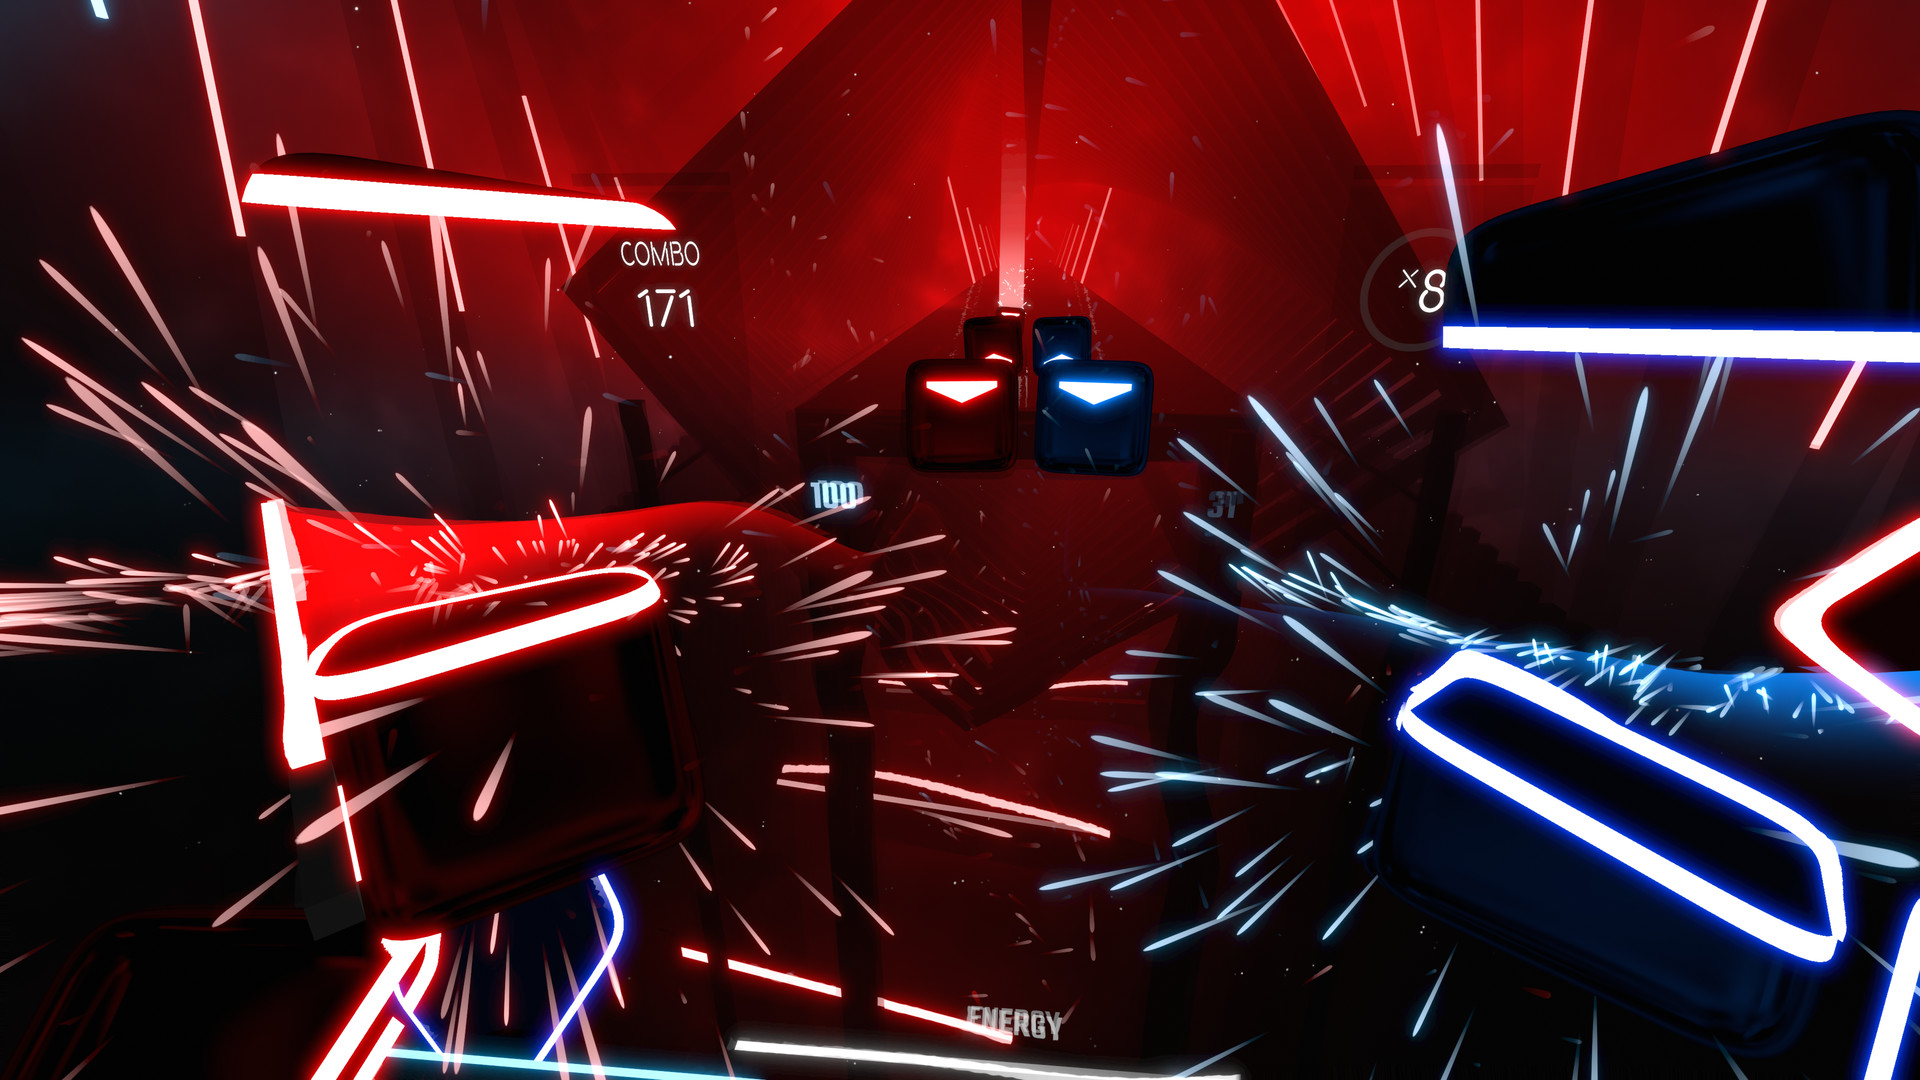 È tutto un tripudio di effetti particellari neon, in piena ottemperanza alle regole di chiarezza visiva anni Ottanta del mondo VR.